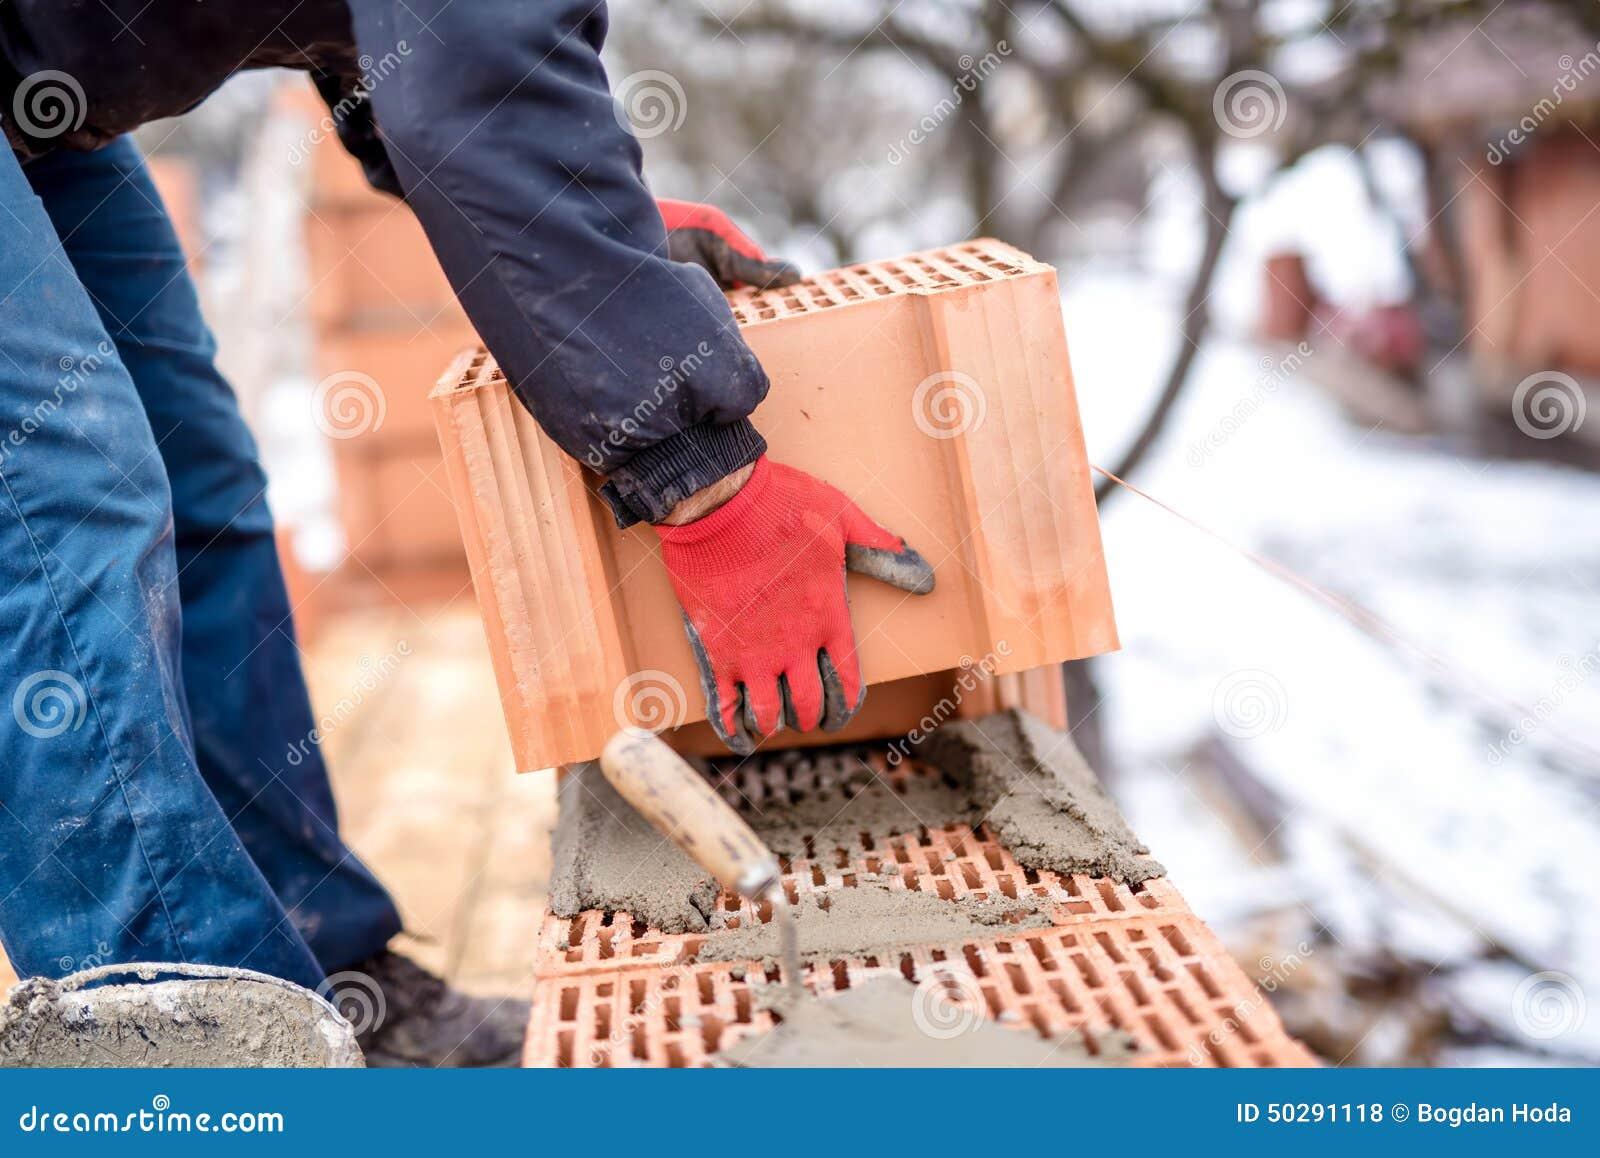 конец-вверх рабочий-строителя, каменщика строя новый дом с кирпичами